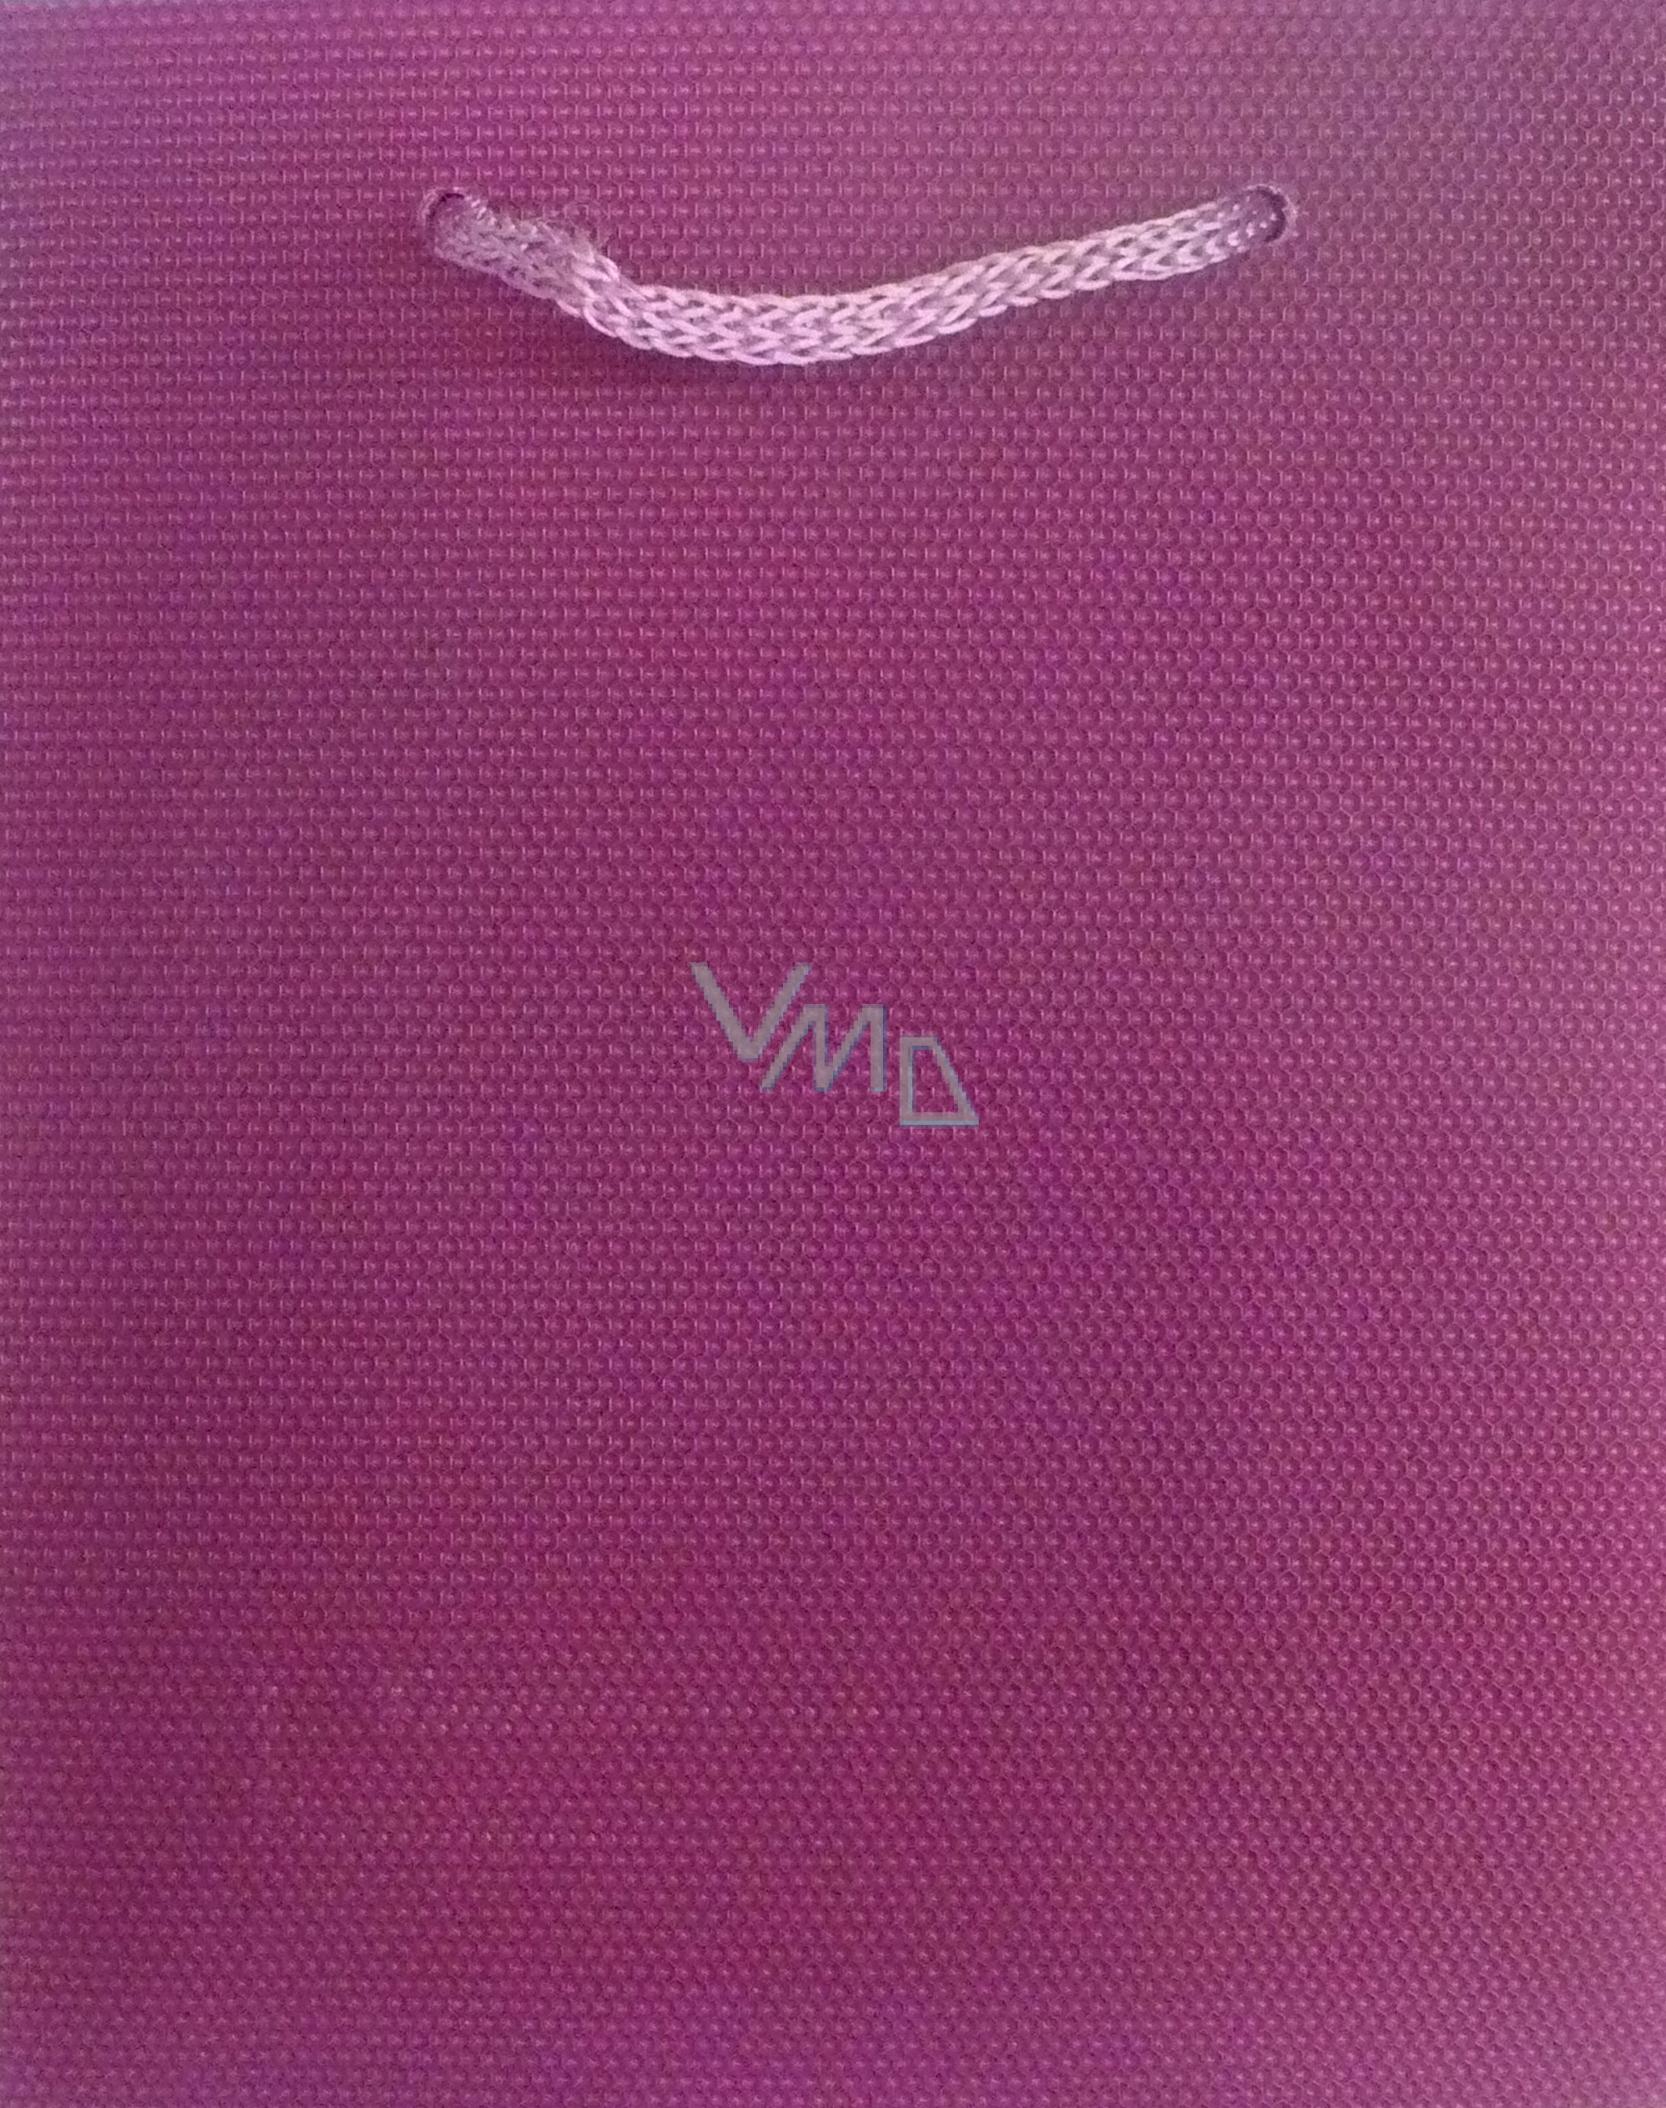 117d3d492f3 Taška dárková střední plastová 10090 různé barvy 1 kus - VMD ...